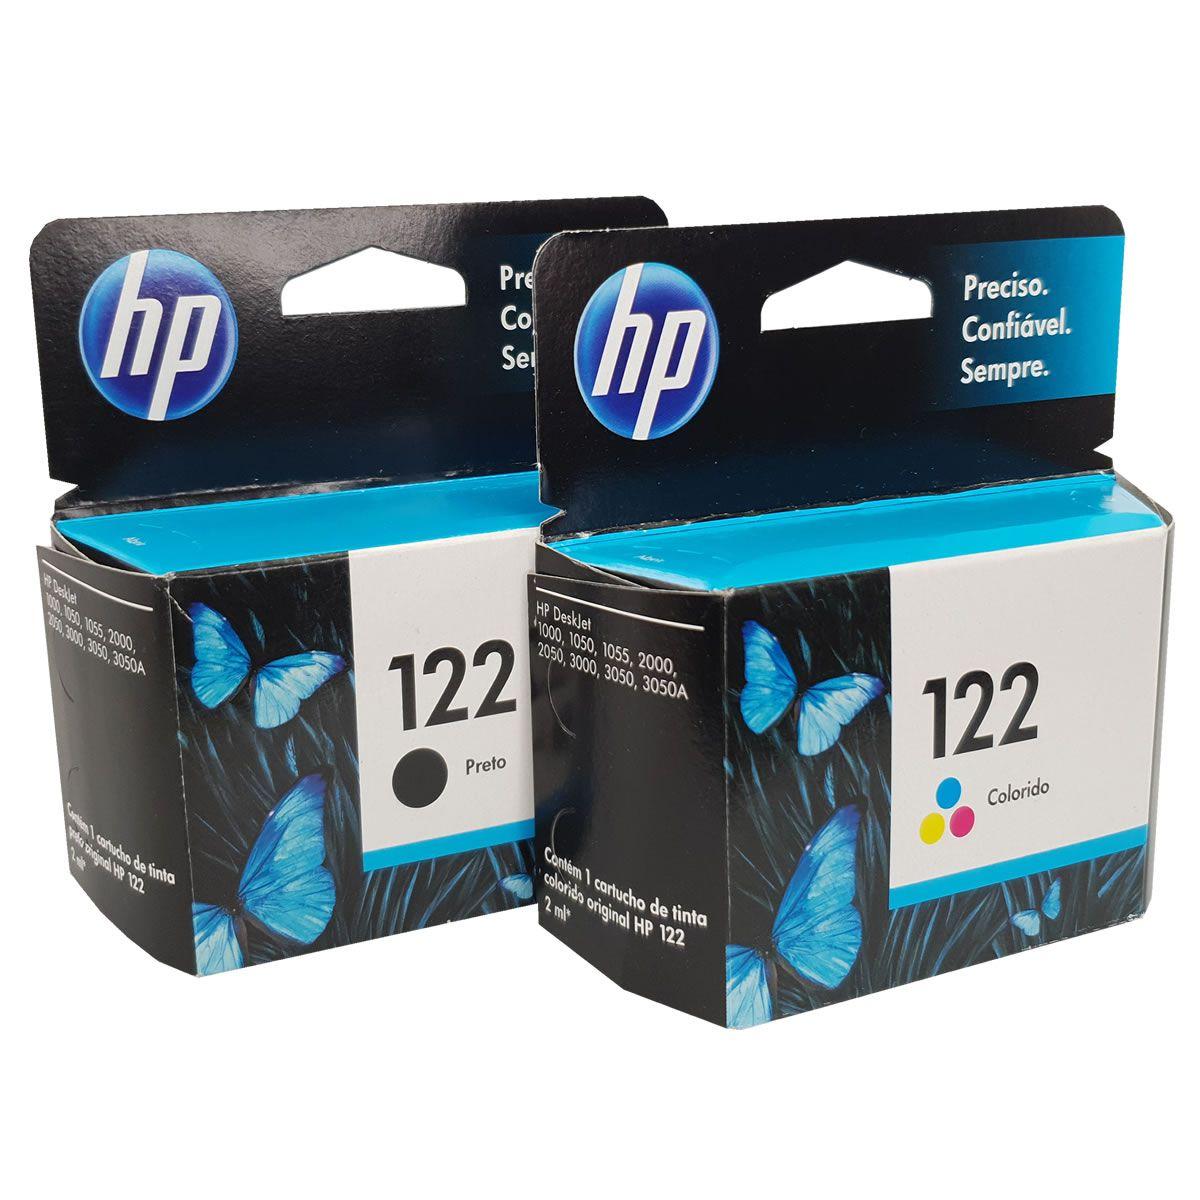 Kit 2 cartuchos HP 122 preto e colorido para 1000 2050 3050